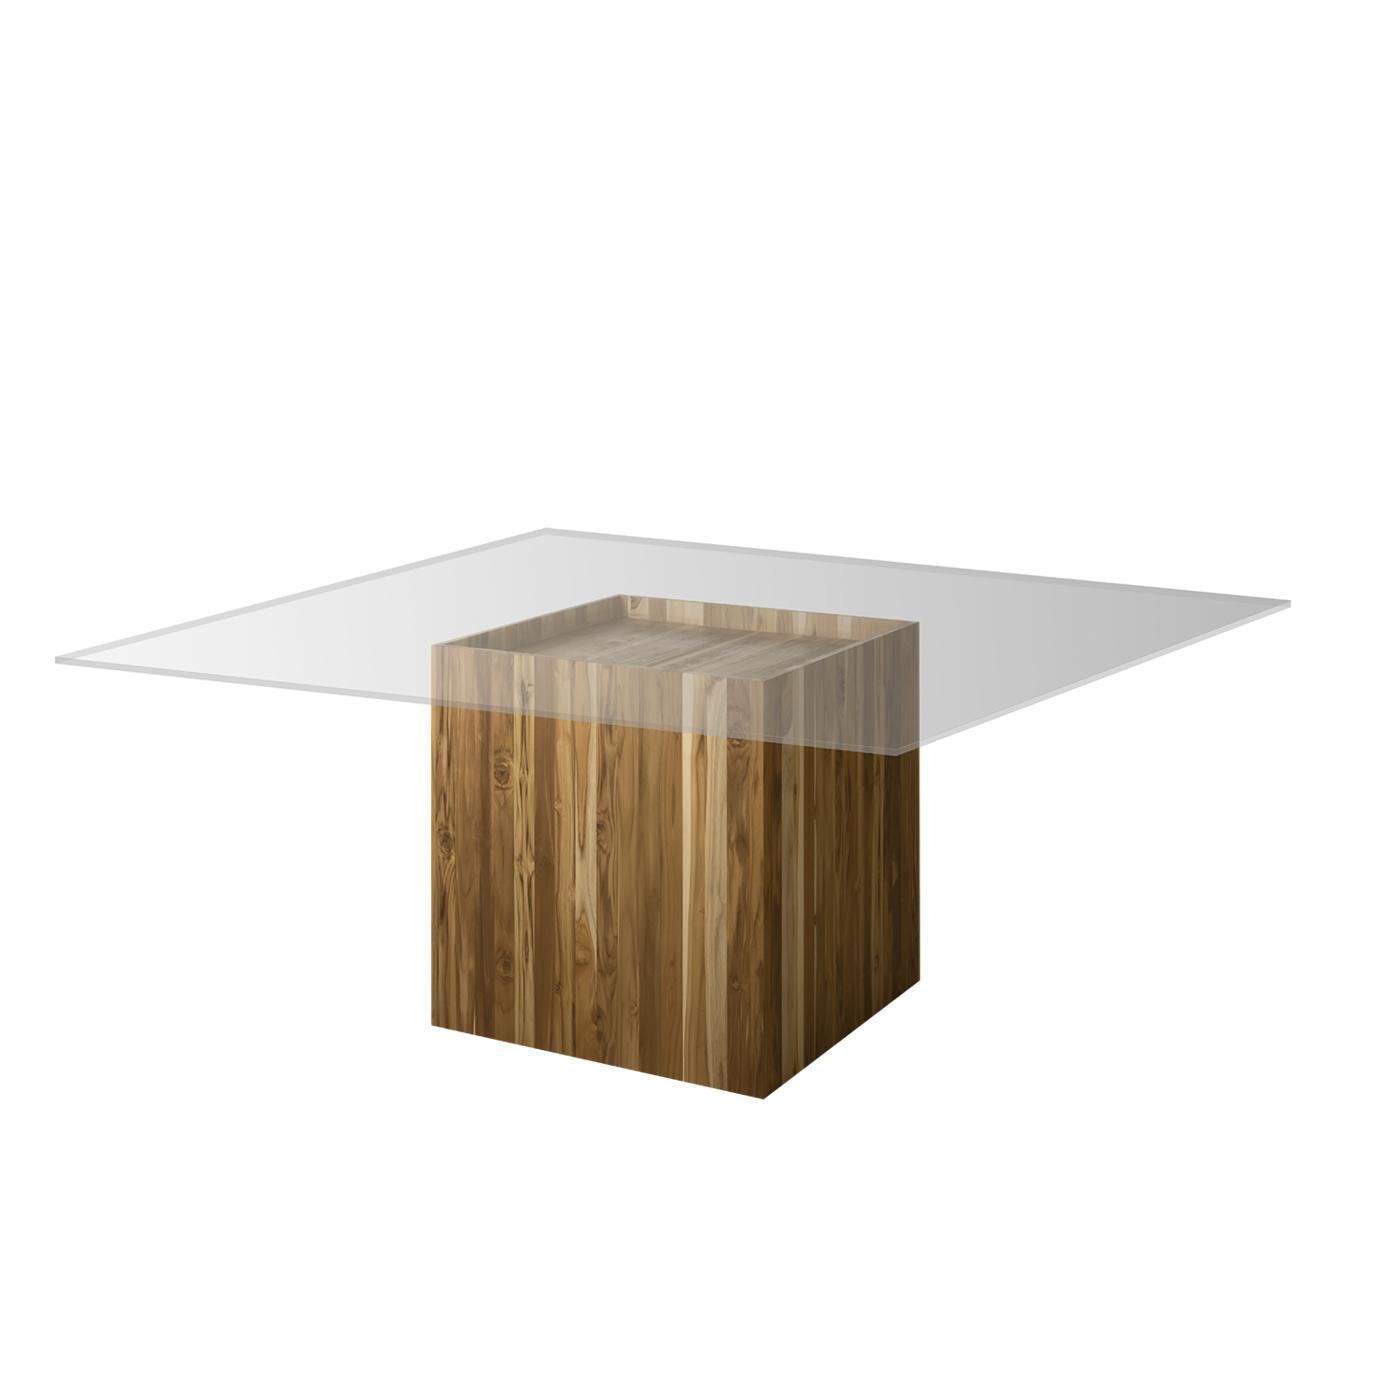 Base mesa jantar decoraclic decora tudo em um clic for Bases de mesas cromadas